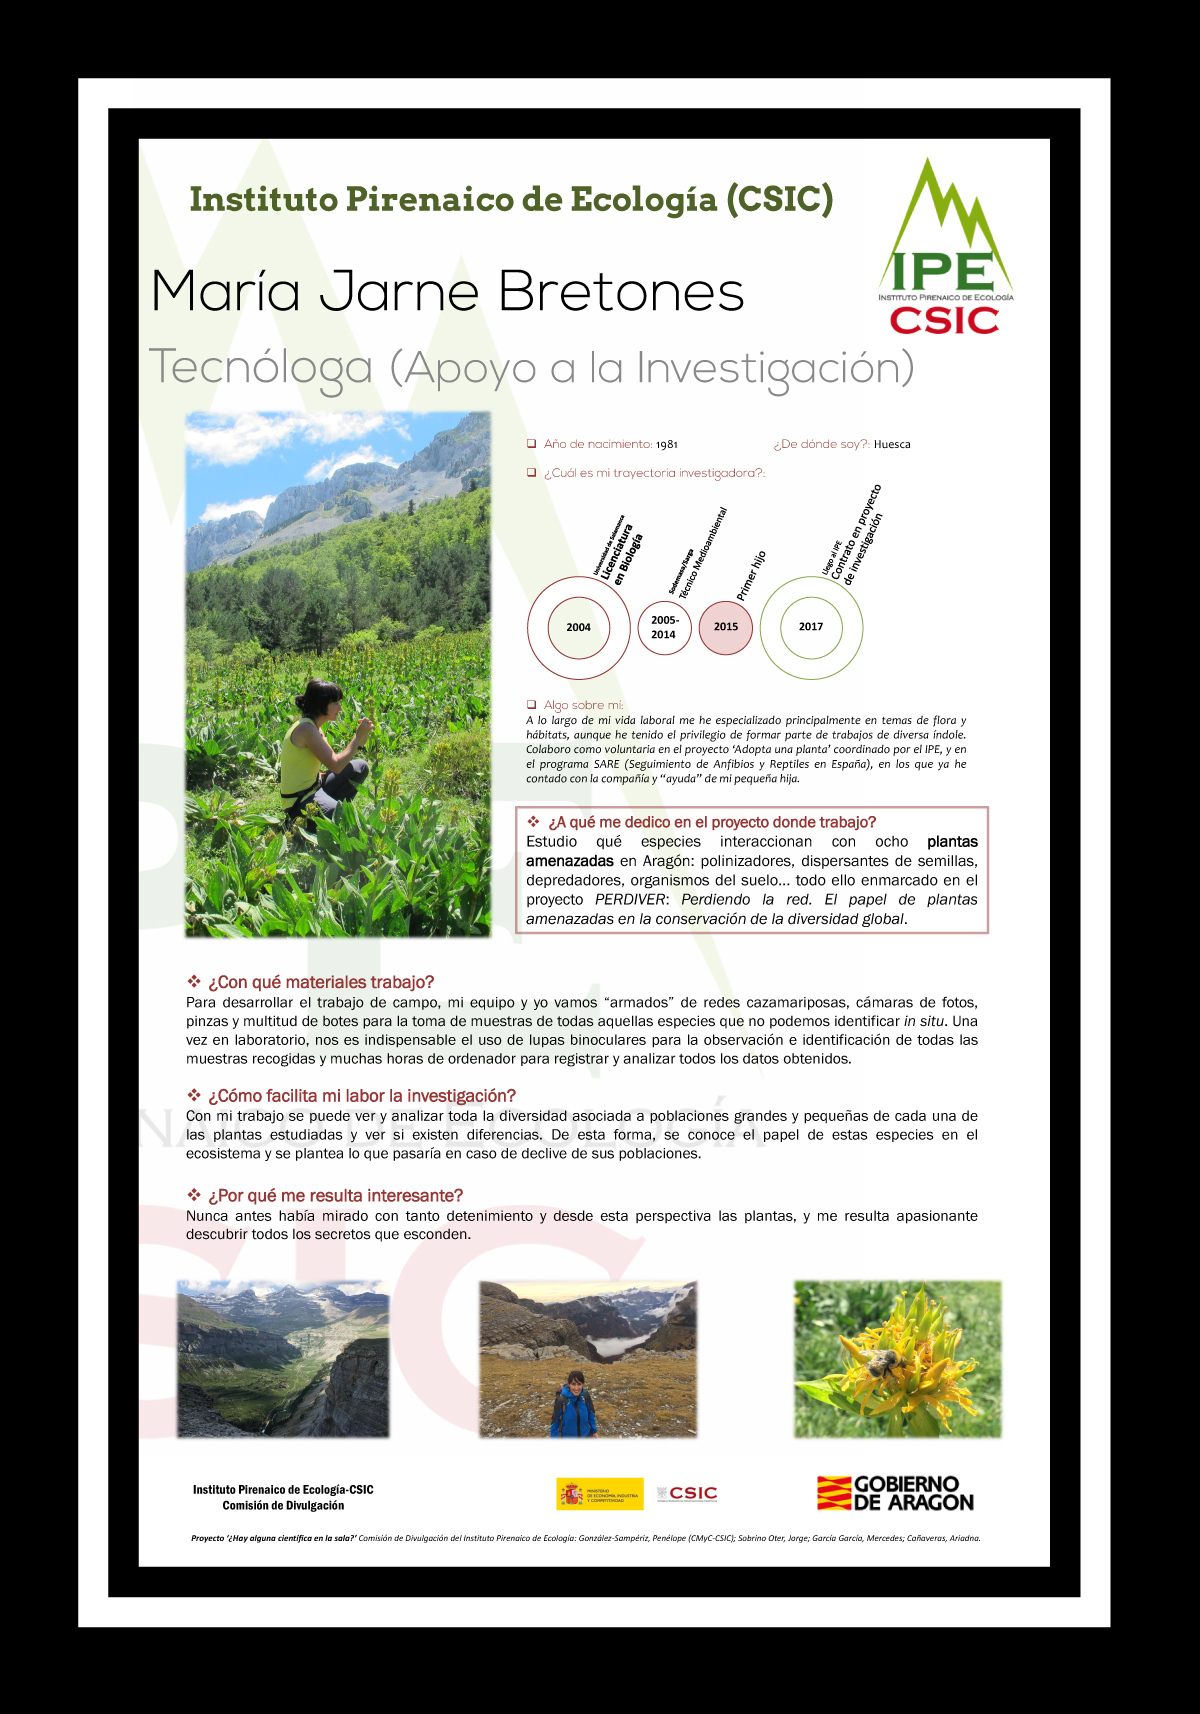 María Jarne Bretones